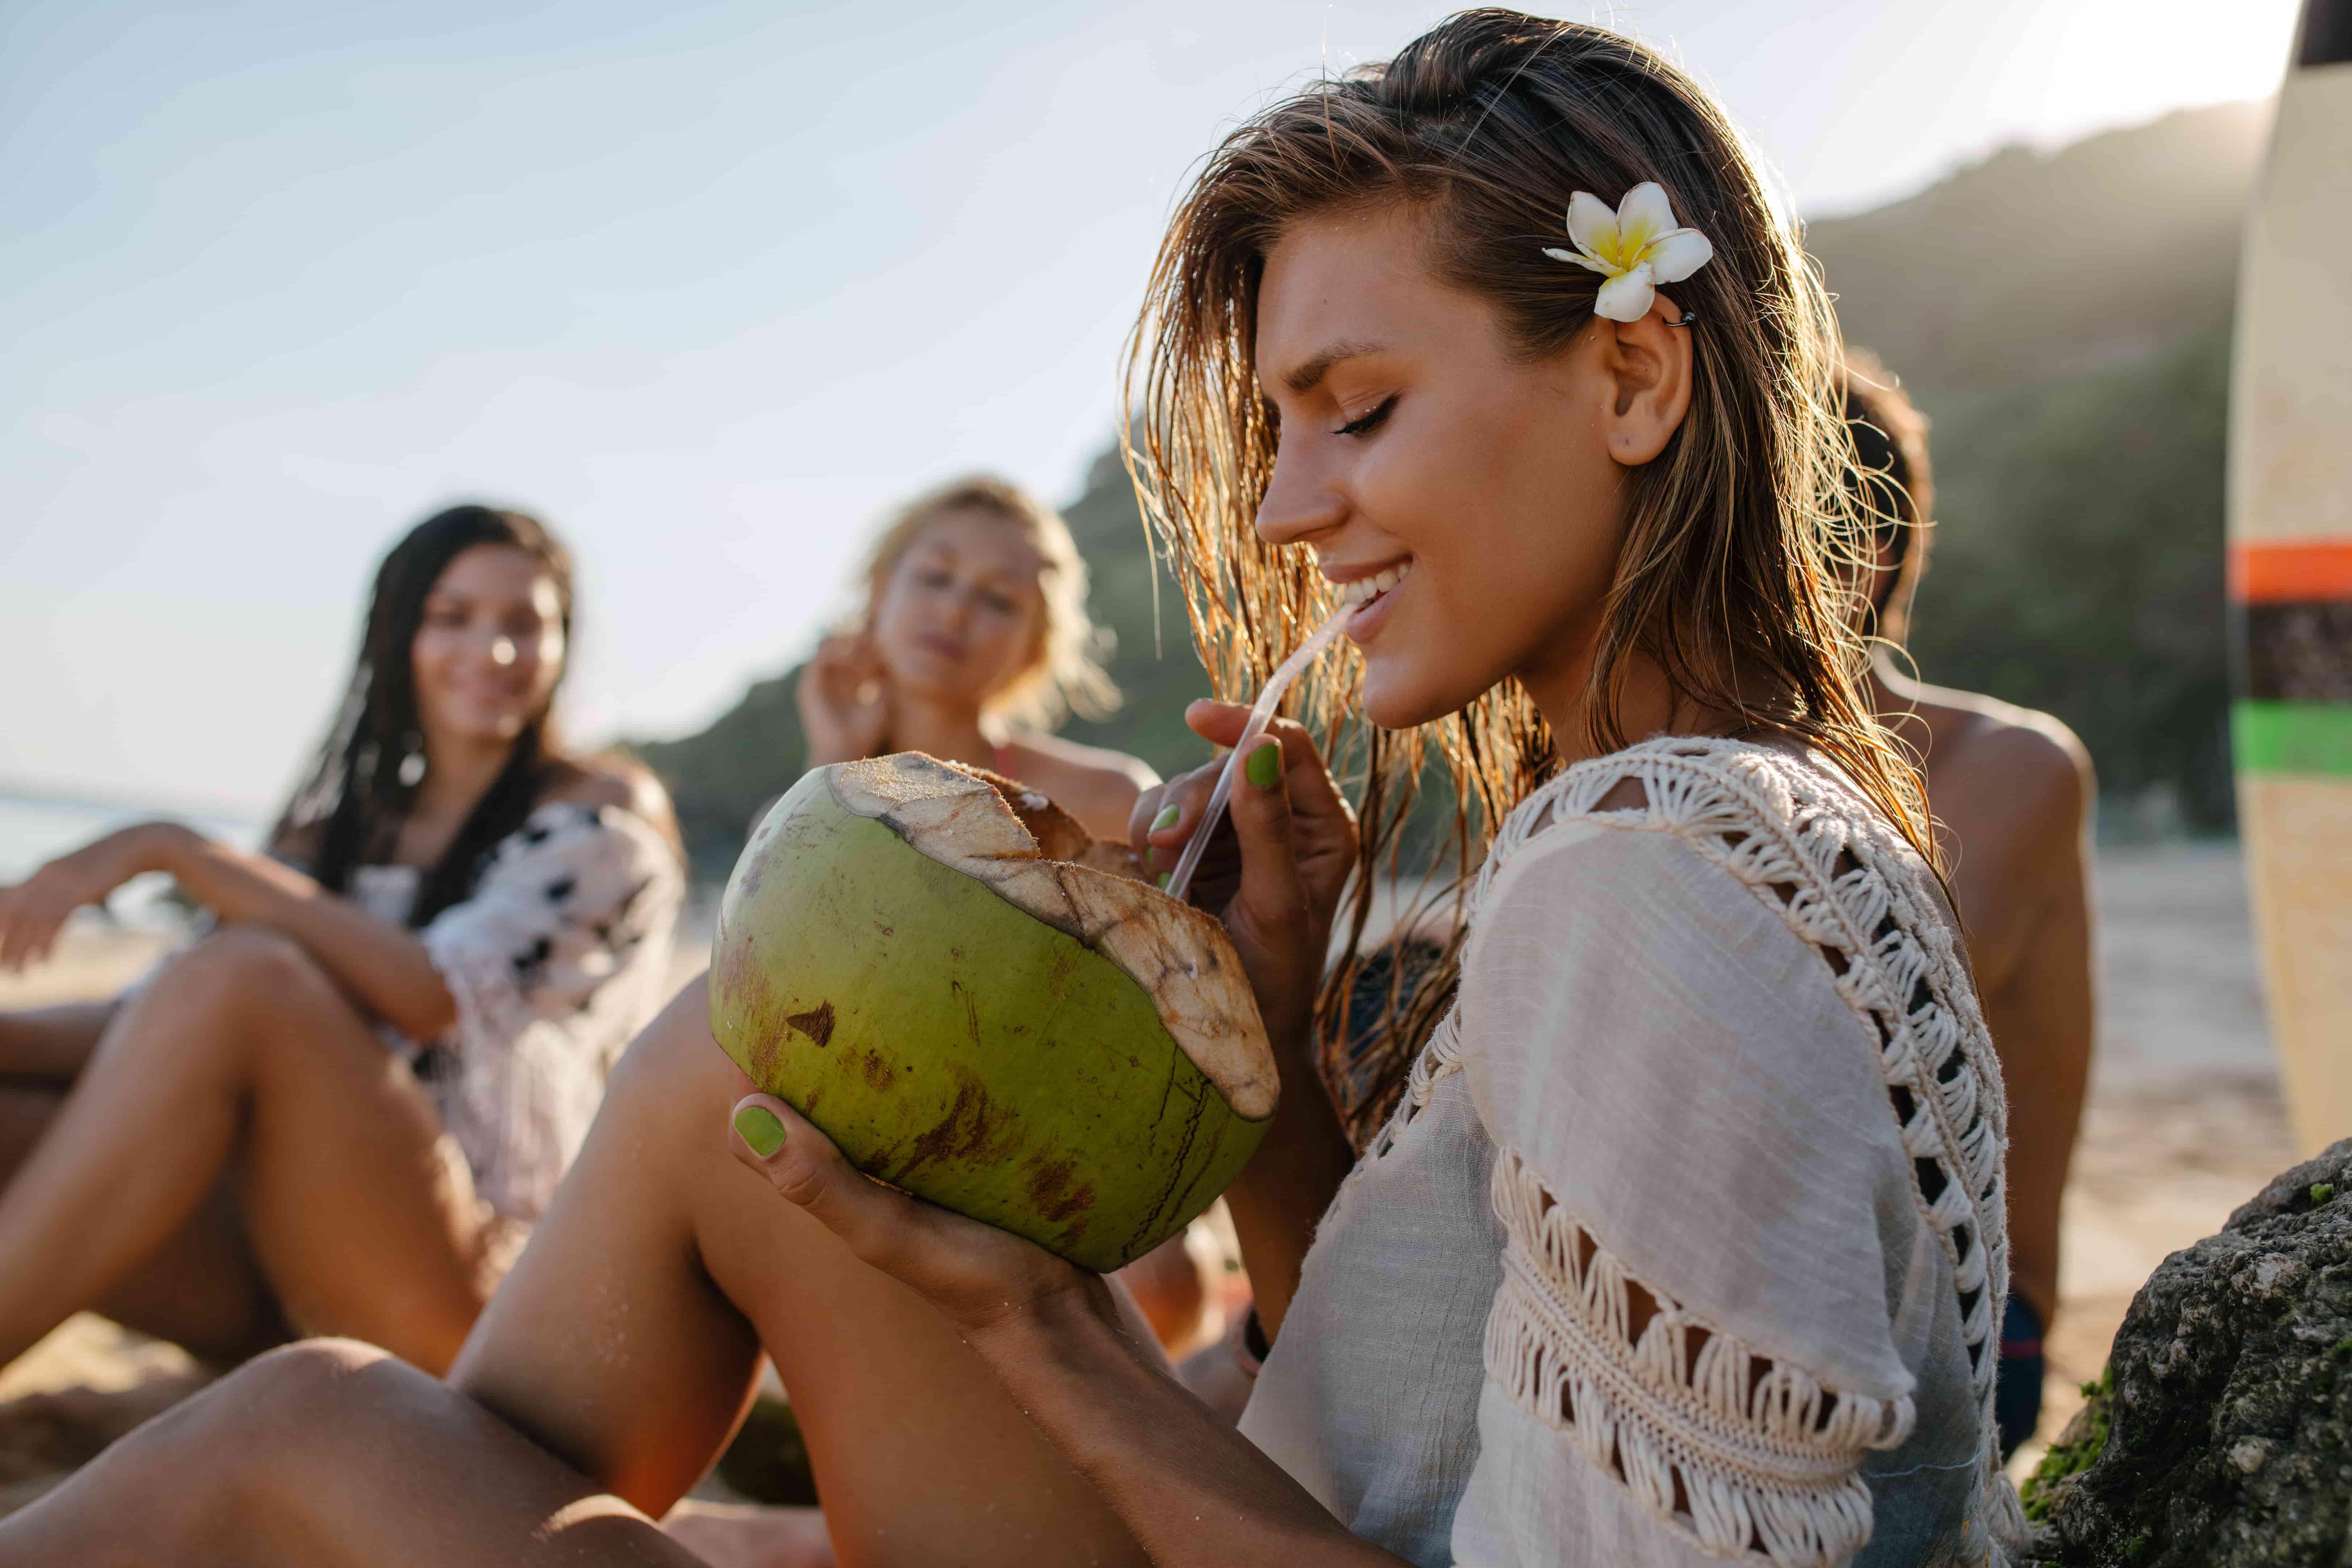 Кокосовая вода - суперфуд для похудения. Чем она полезна. Есть ли у нее противопоказания